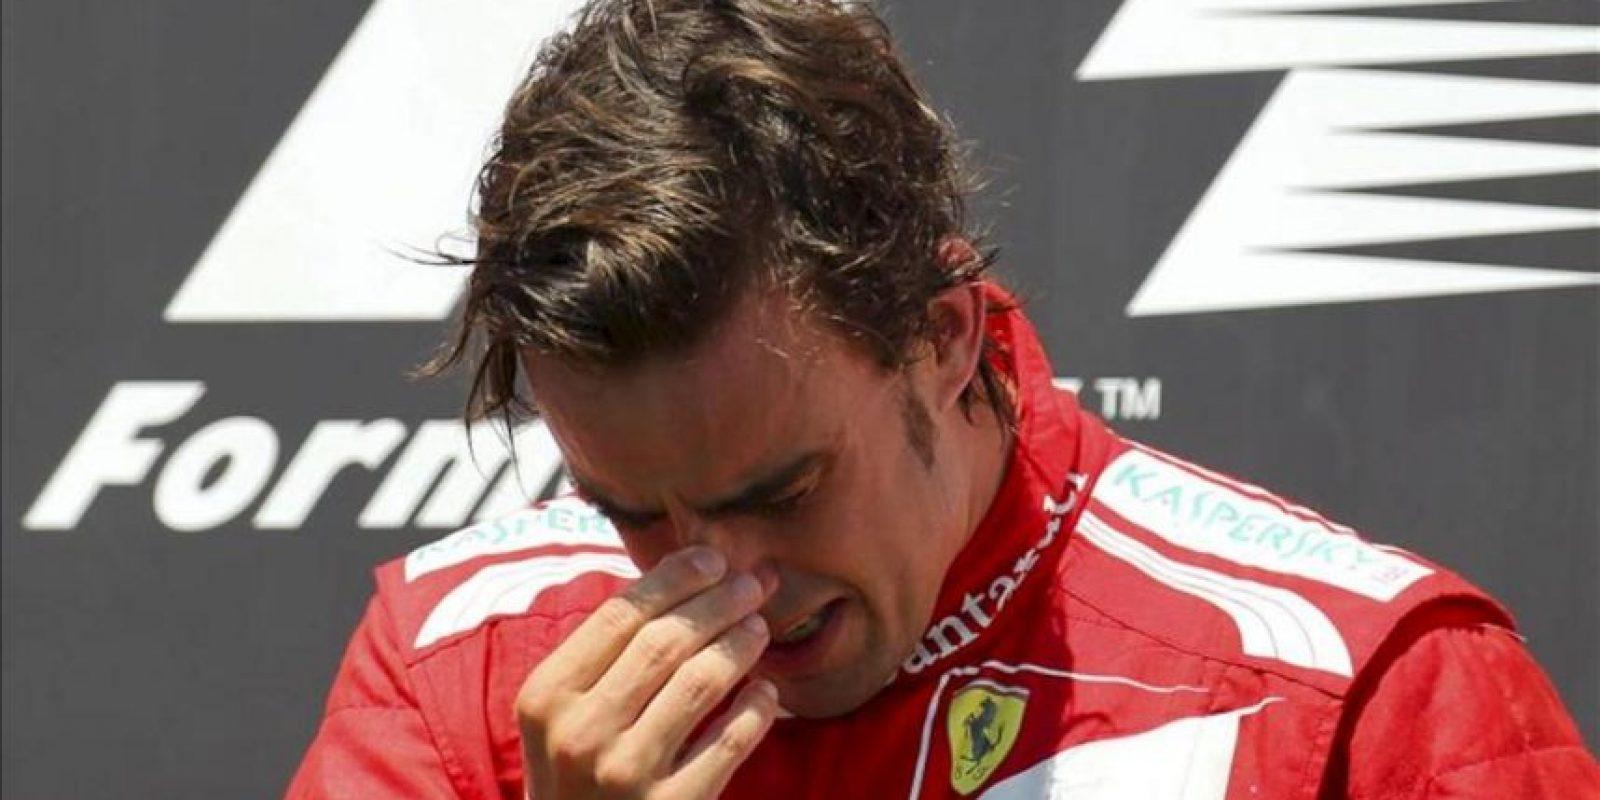 El piloto español de la escudería Ferrari de Fórmula Uno, Fernando Alonso, celebra en el podio la victoria conseguida en el Gran Premio de Europa disputado en el circuito urbano de Valencia, España. EFE